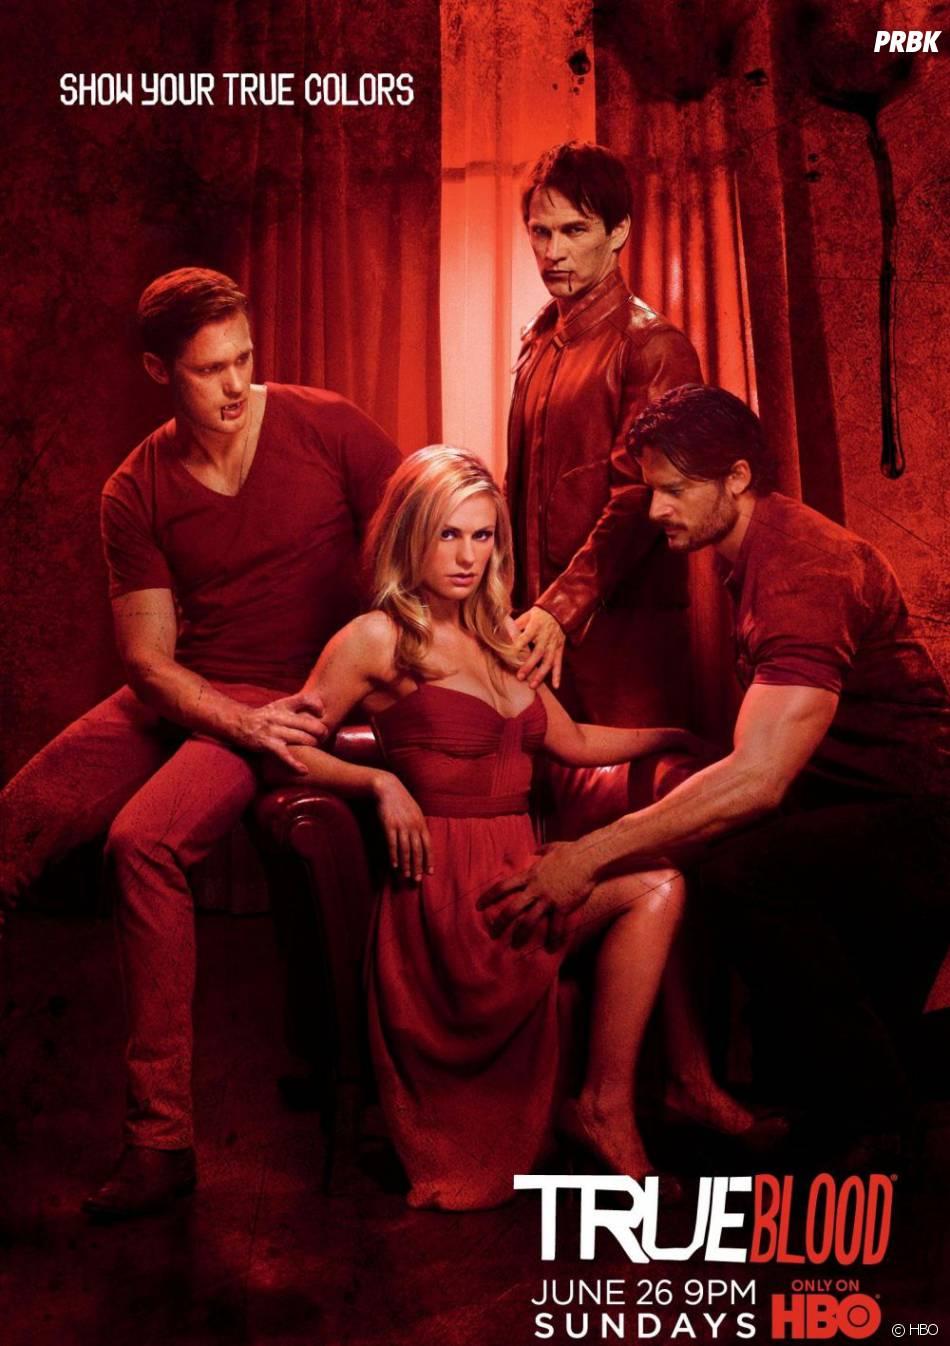 True Blood saison 5 arrive le 10 juin 2012 sur HBO.